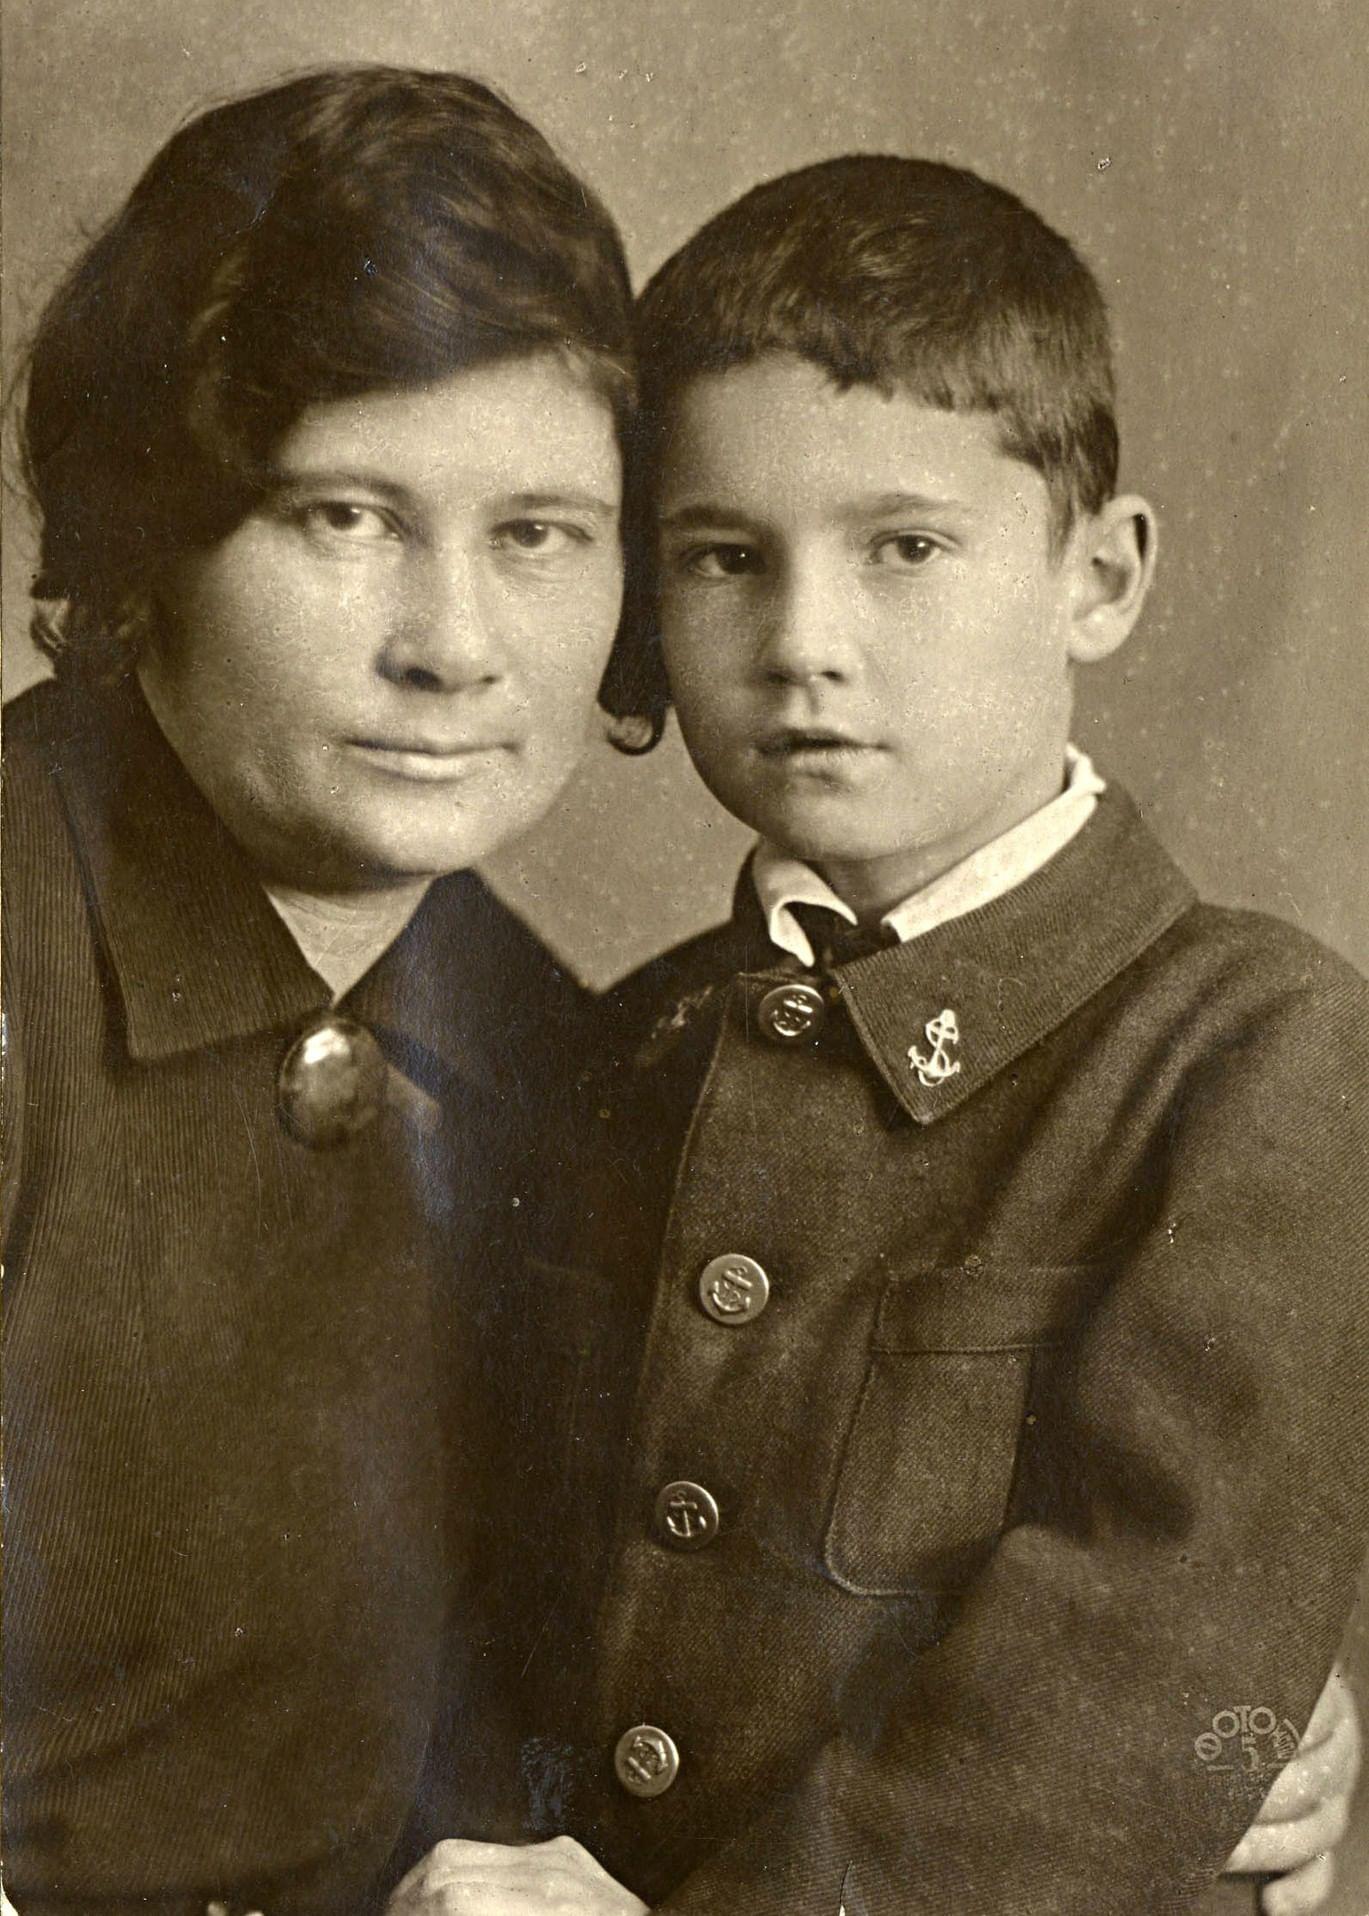 Эльдар Рязанов: биография, личная жизнь, семья, жена, дети — фото